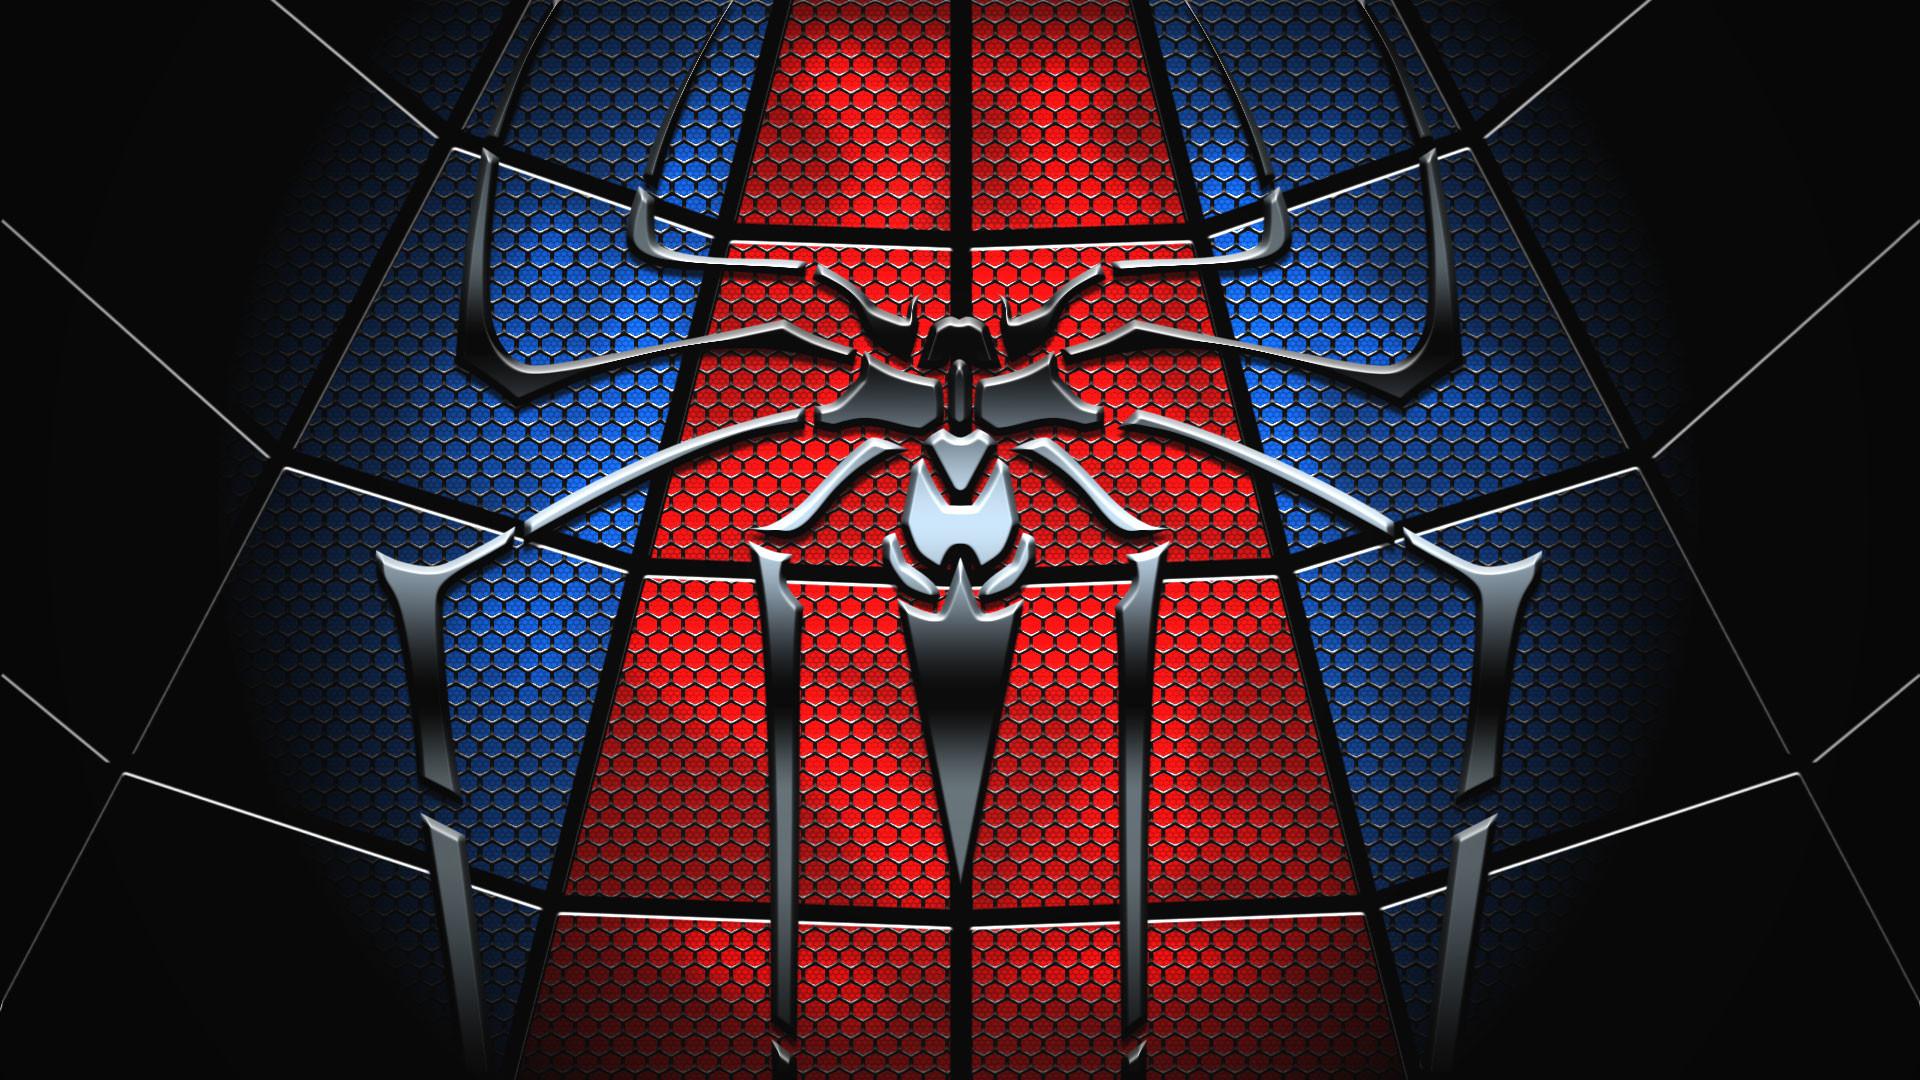 <b>Spiderman Wallpapers</b> – WallpaperSafari